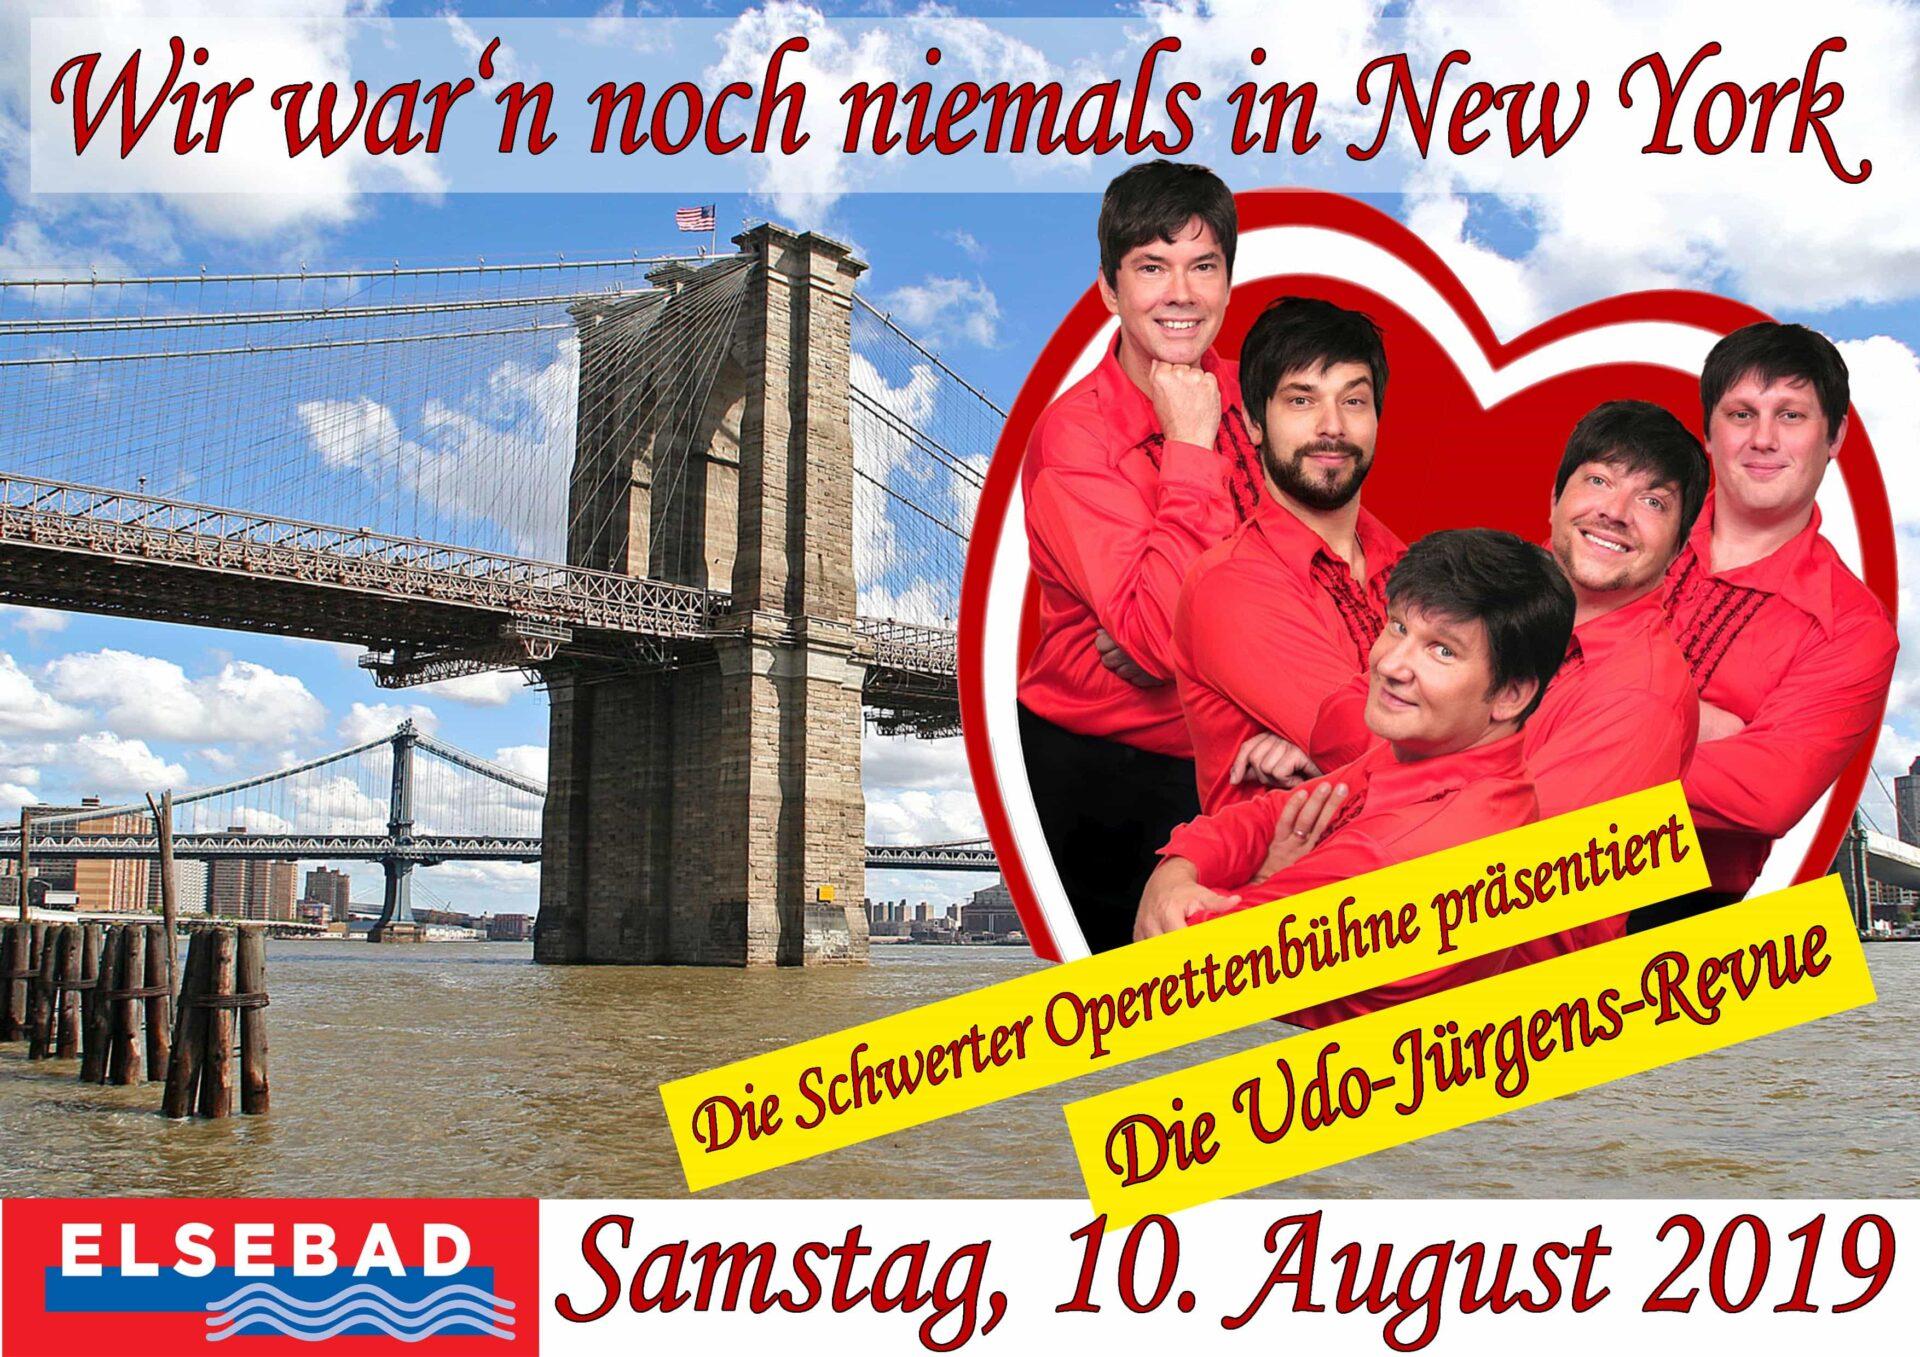 Wir war'n noch niemals in New York: Udo Jürgens-Revue im Elsebad